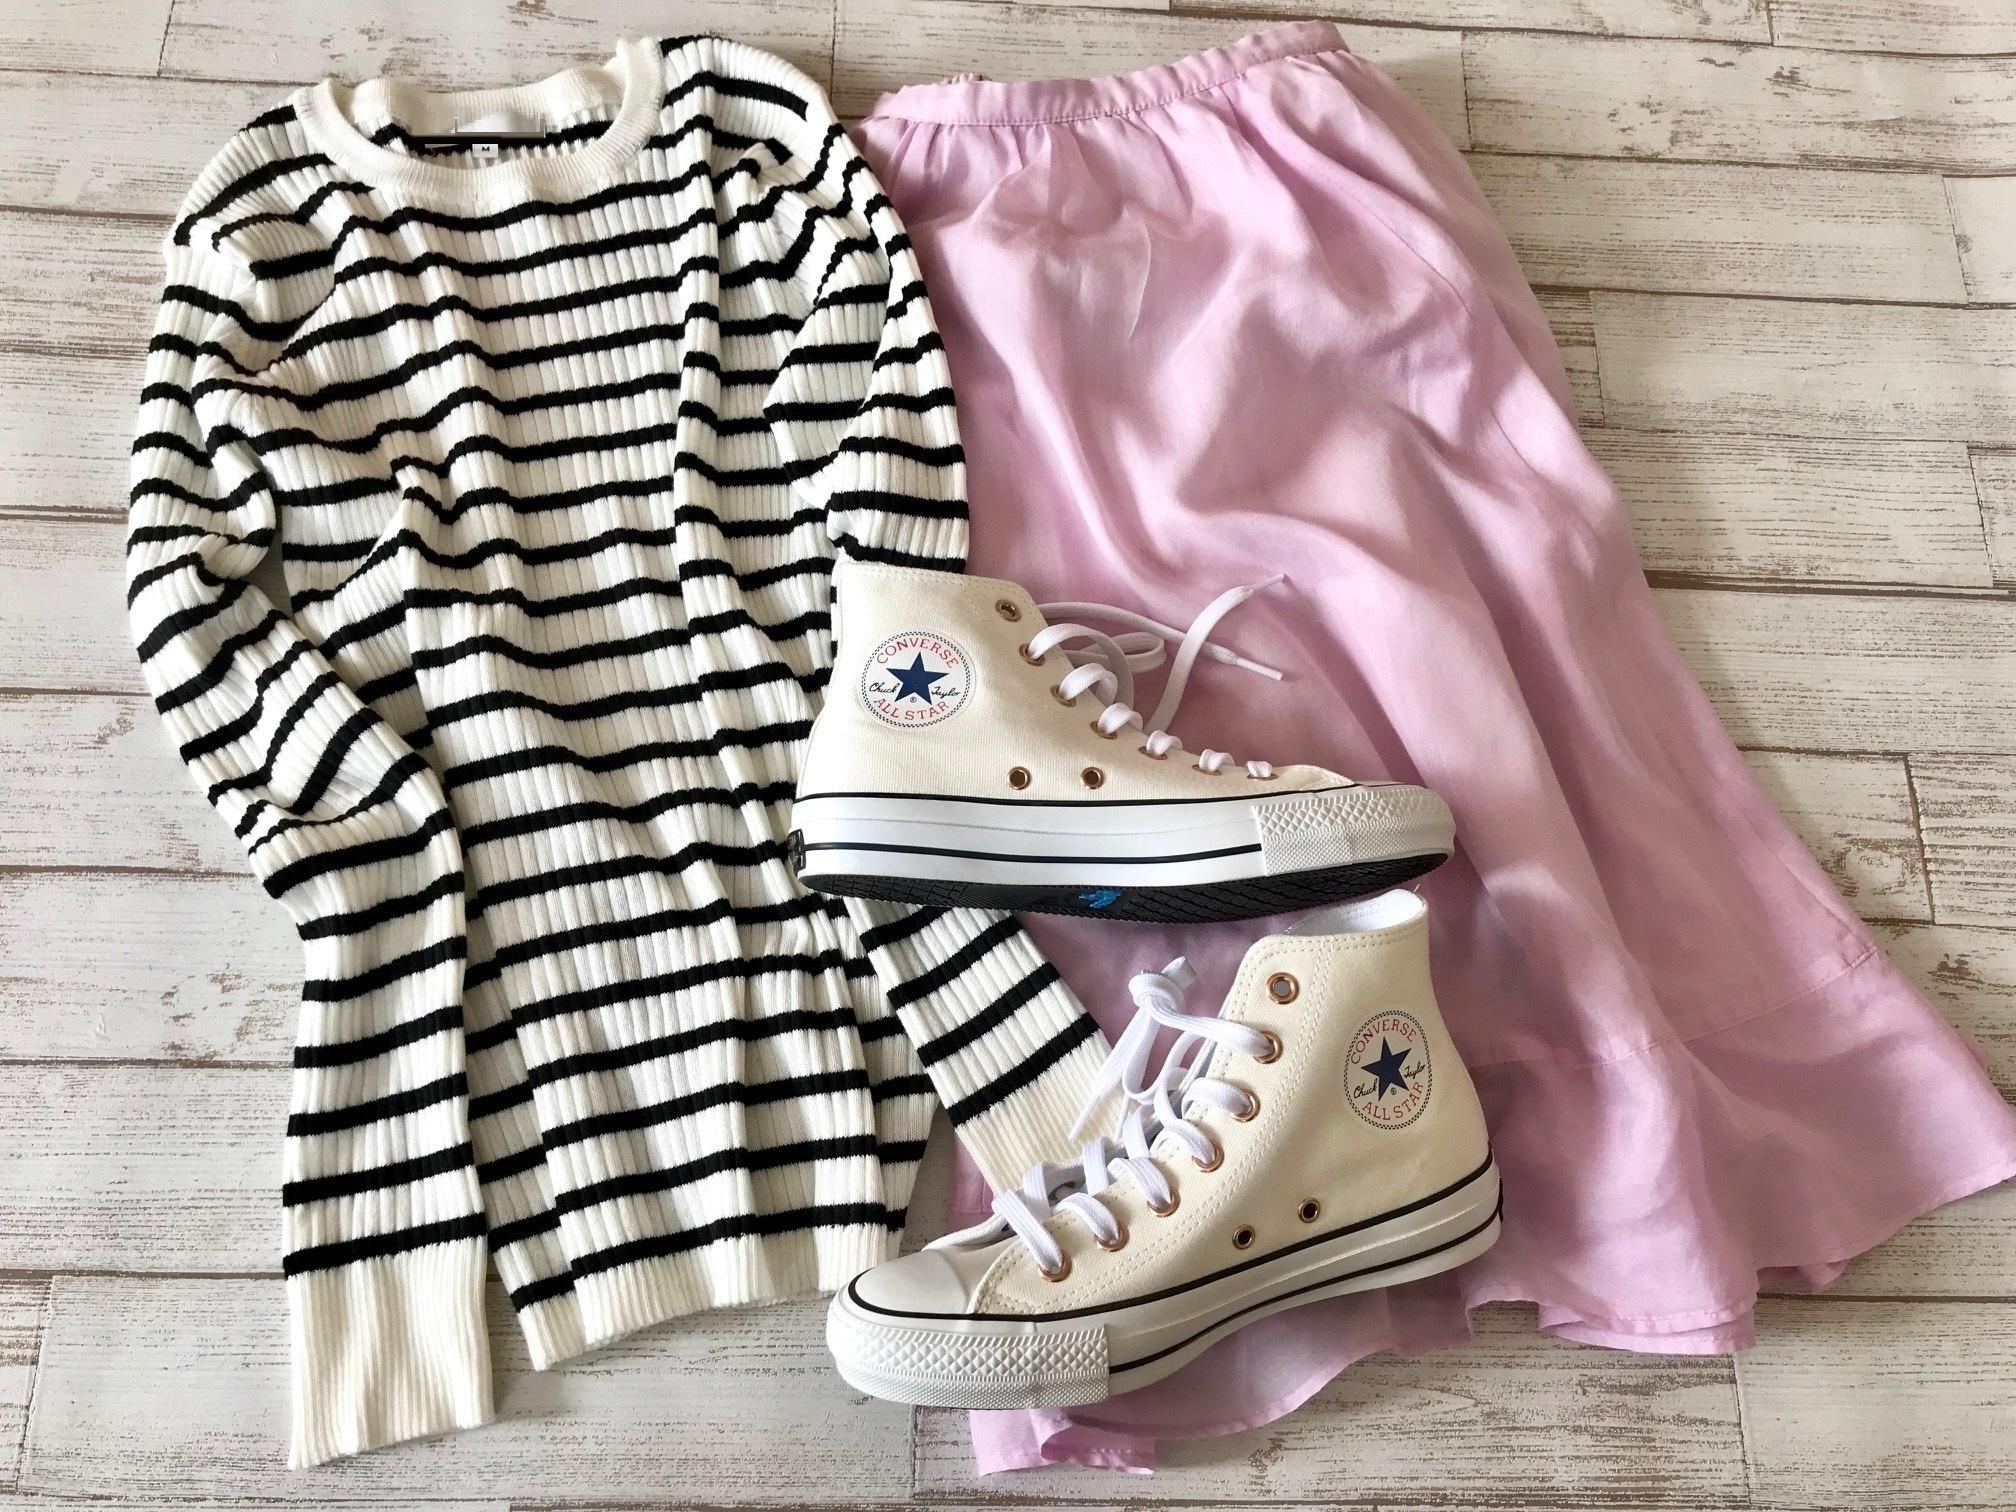 白コンバースのハイカットスニーカー×ボーダーニット&ピンクスカートのファッションコーデ